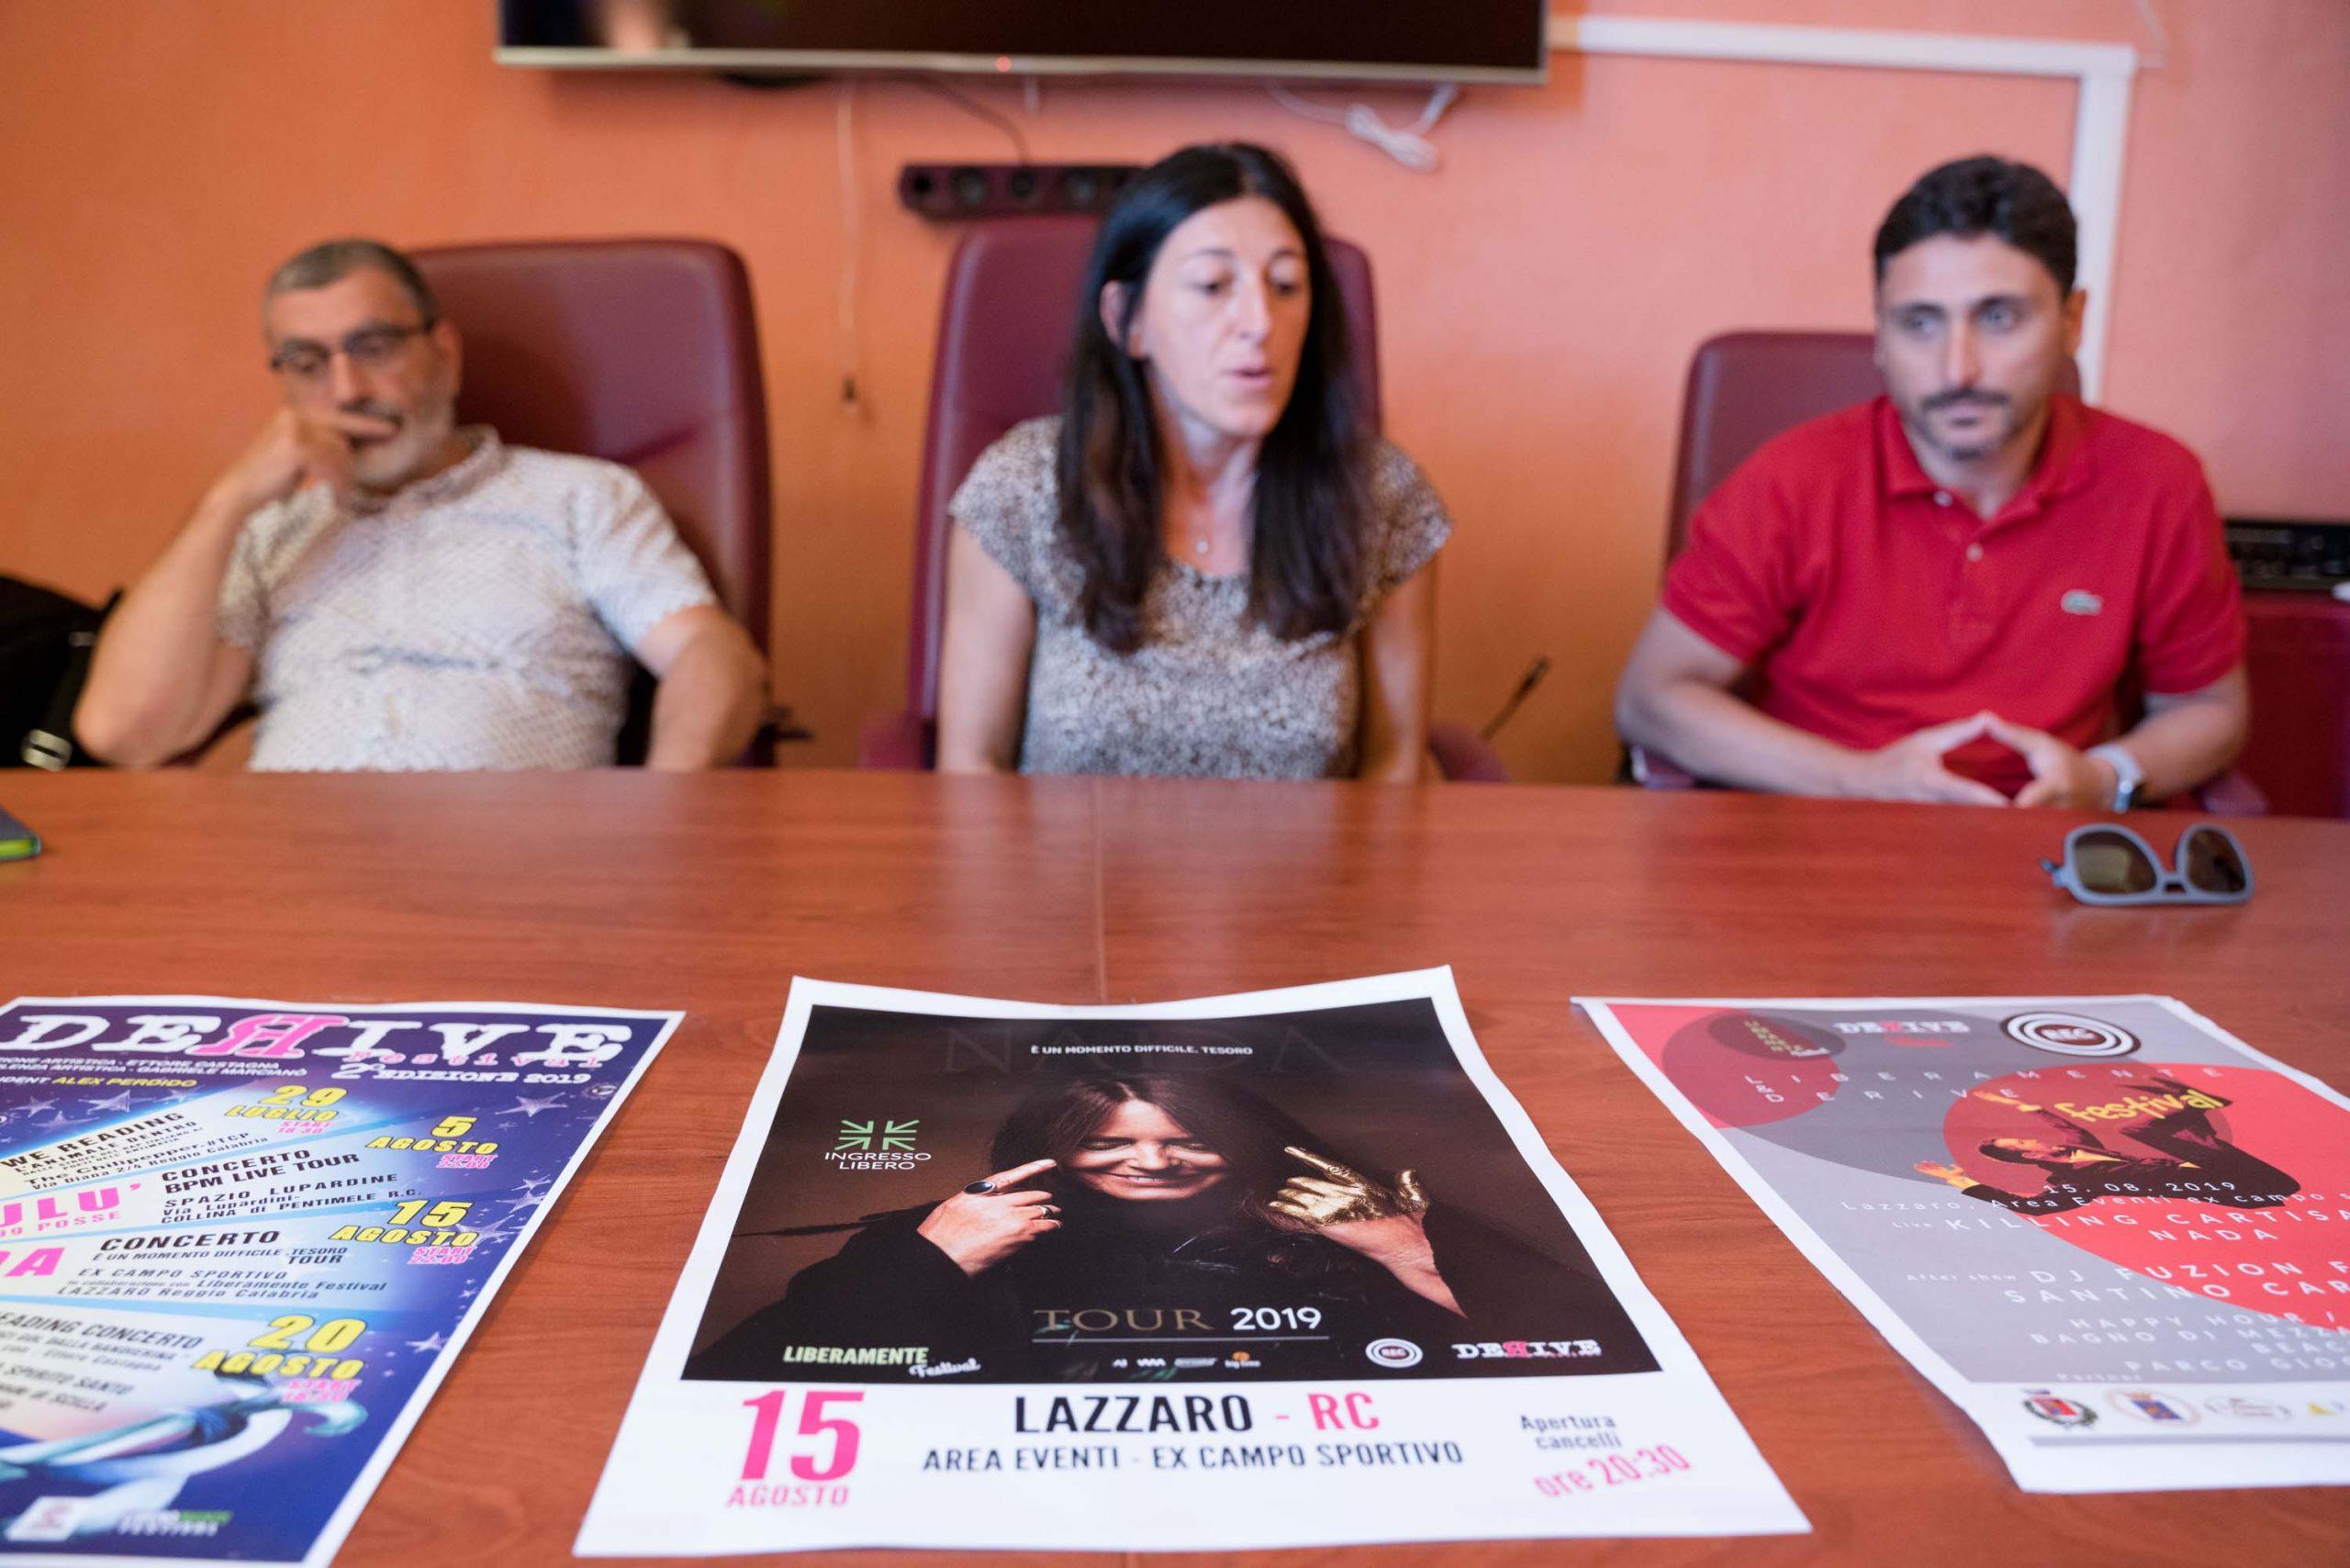 Reggio Calabria, riparte la musica con la terza edizione del Derive festival